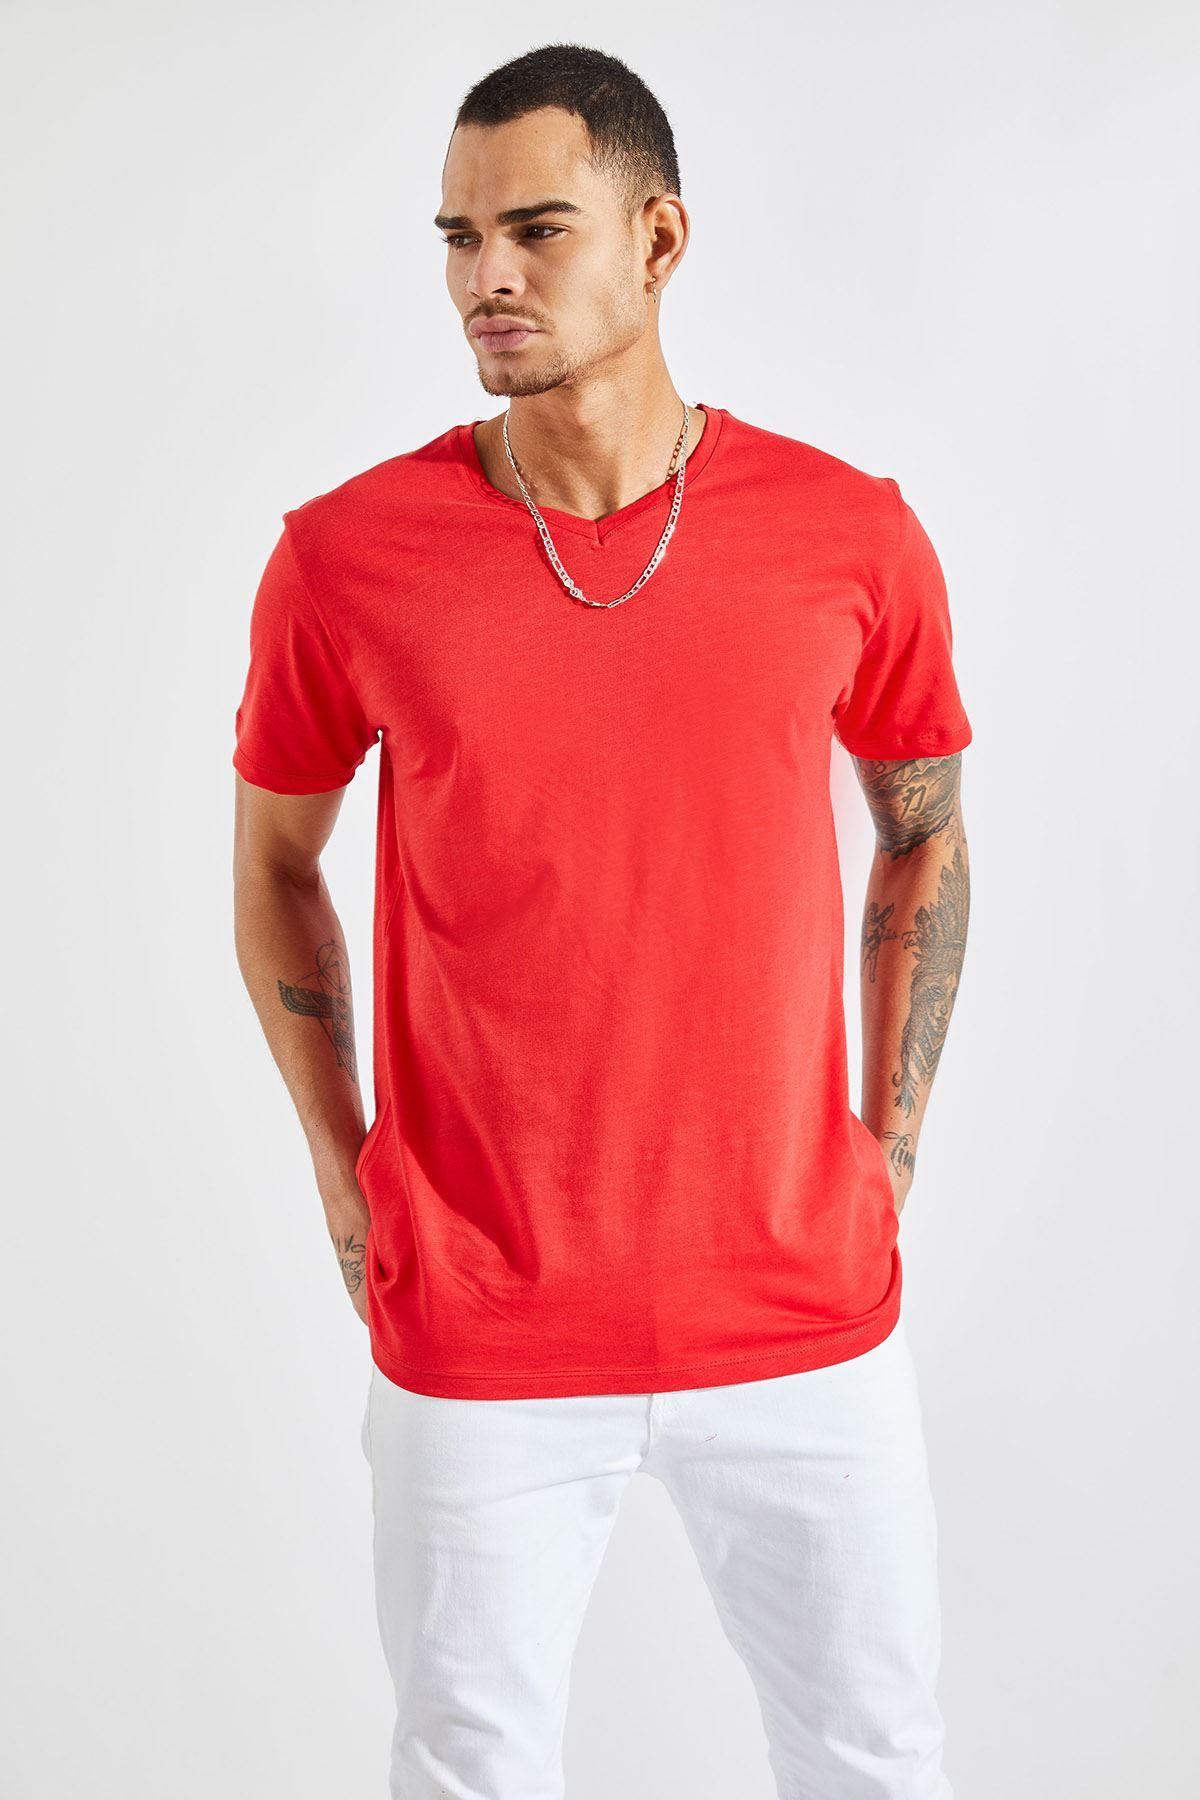 Erkek V Yaka Flamlı Kırmızı Tişört